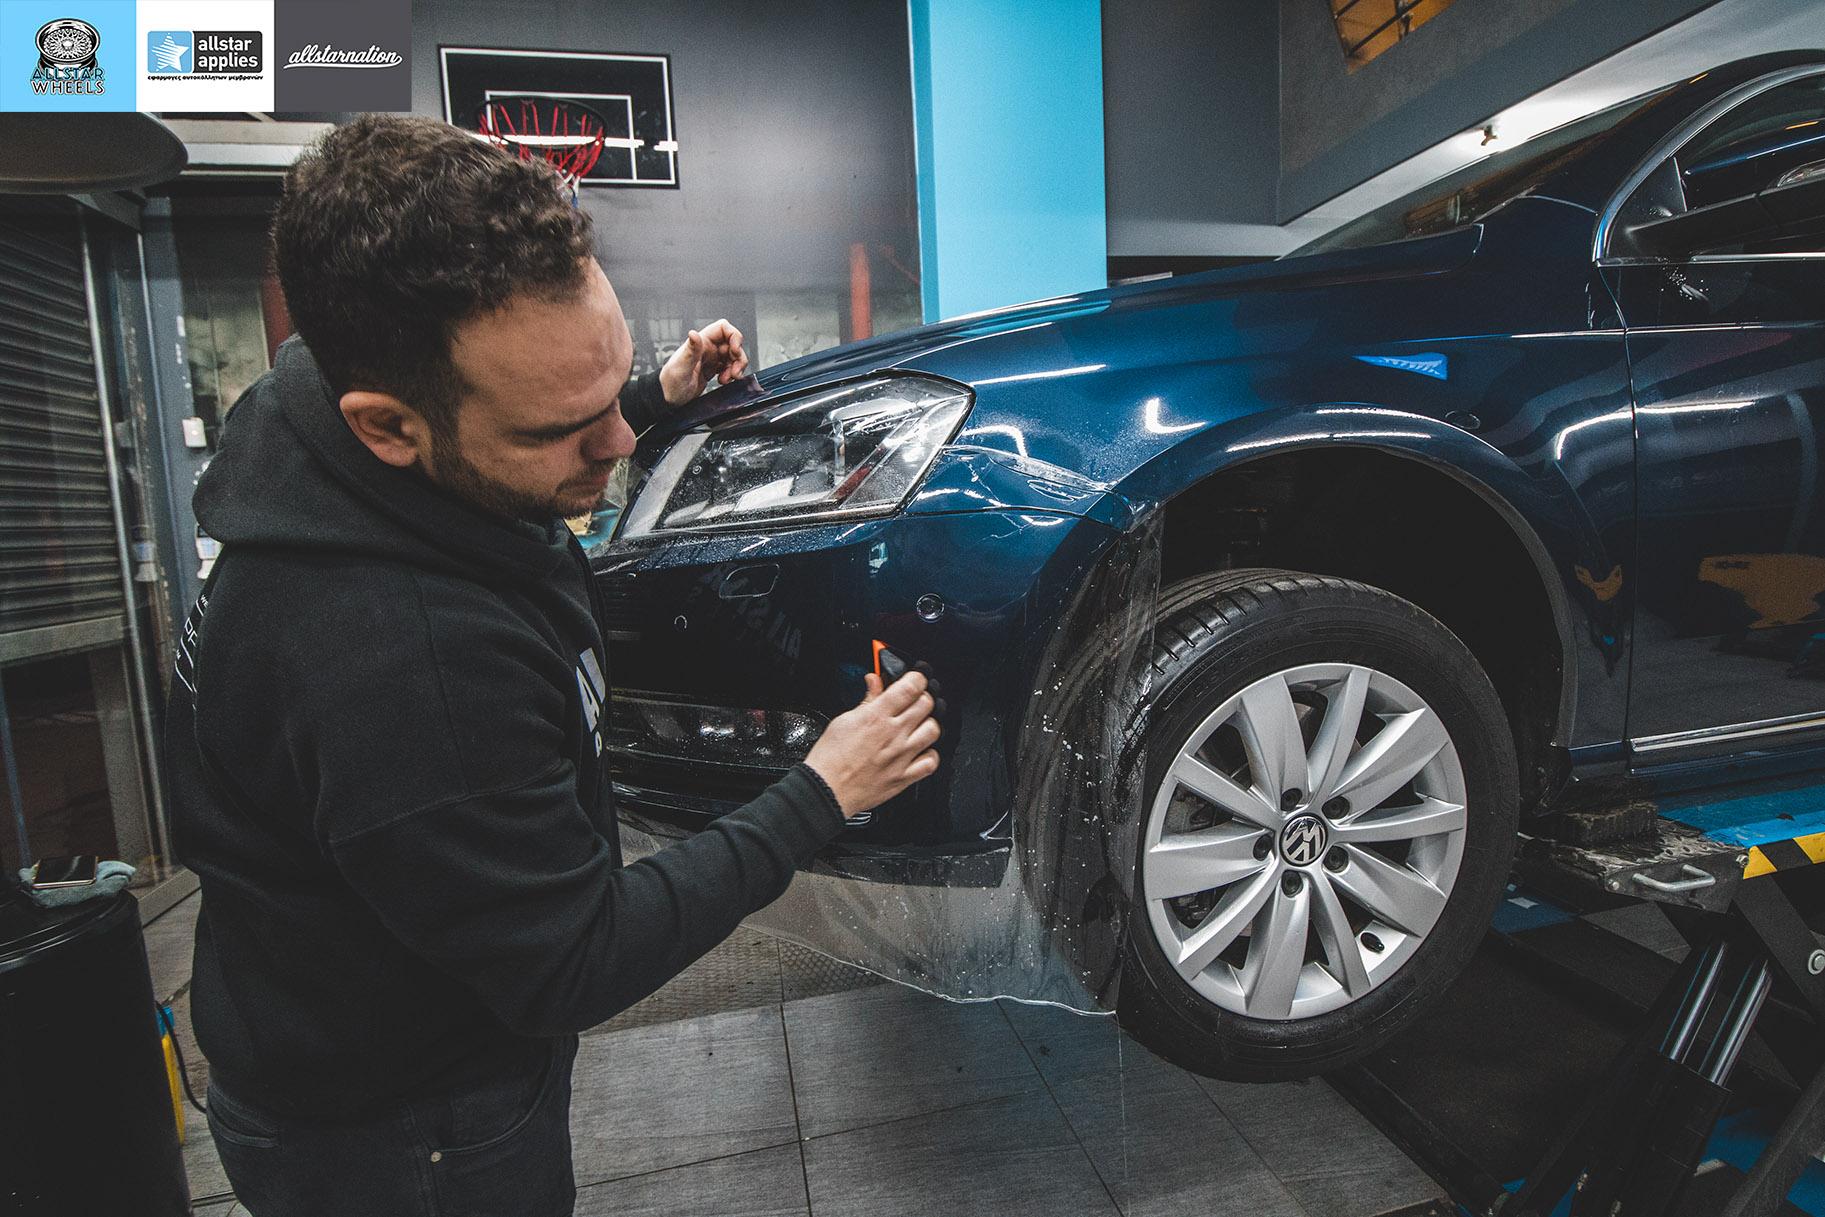 Αυτοκόλλητα προστασίας χρώματος σε VW Passat στη θεσσαλονίκη Allstar Applies